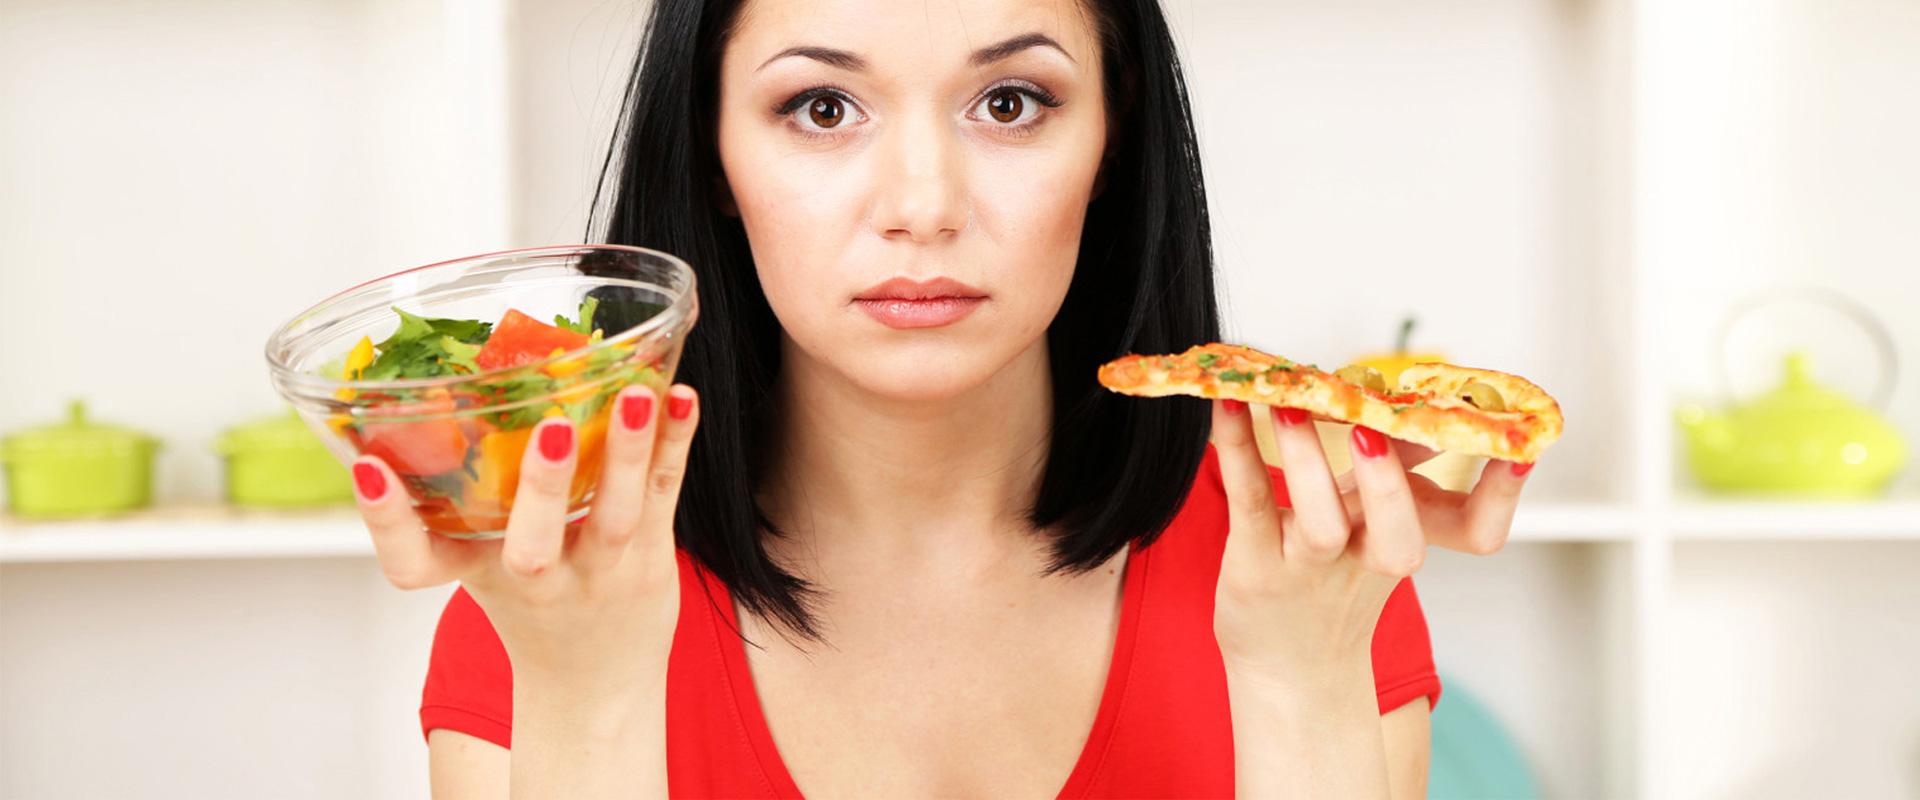 Diyet uygularken yapılan yanlışlar